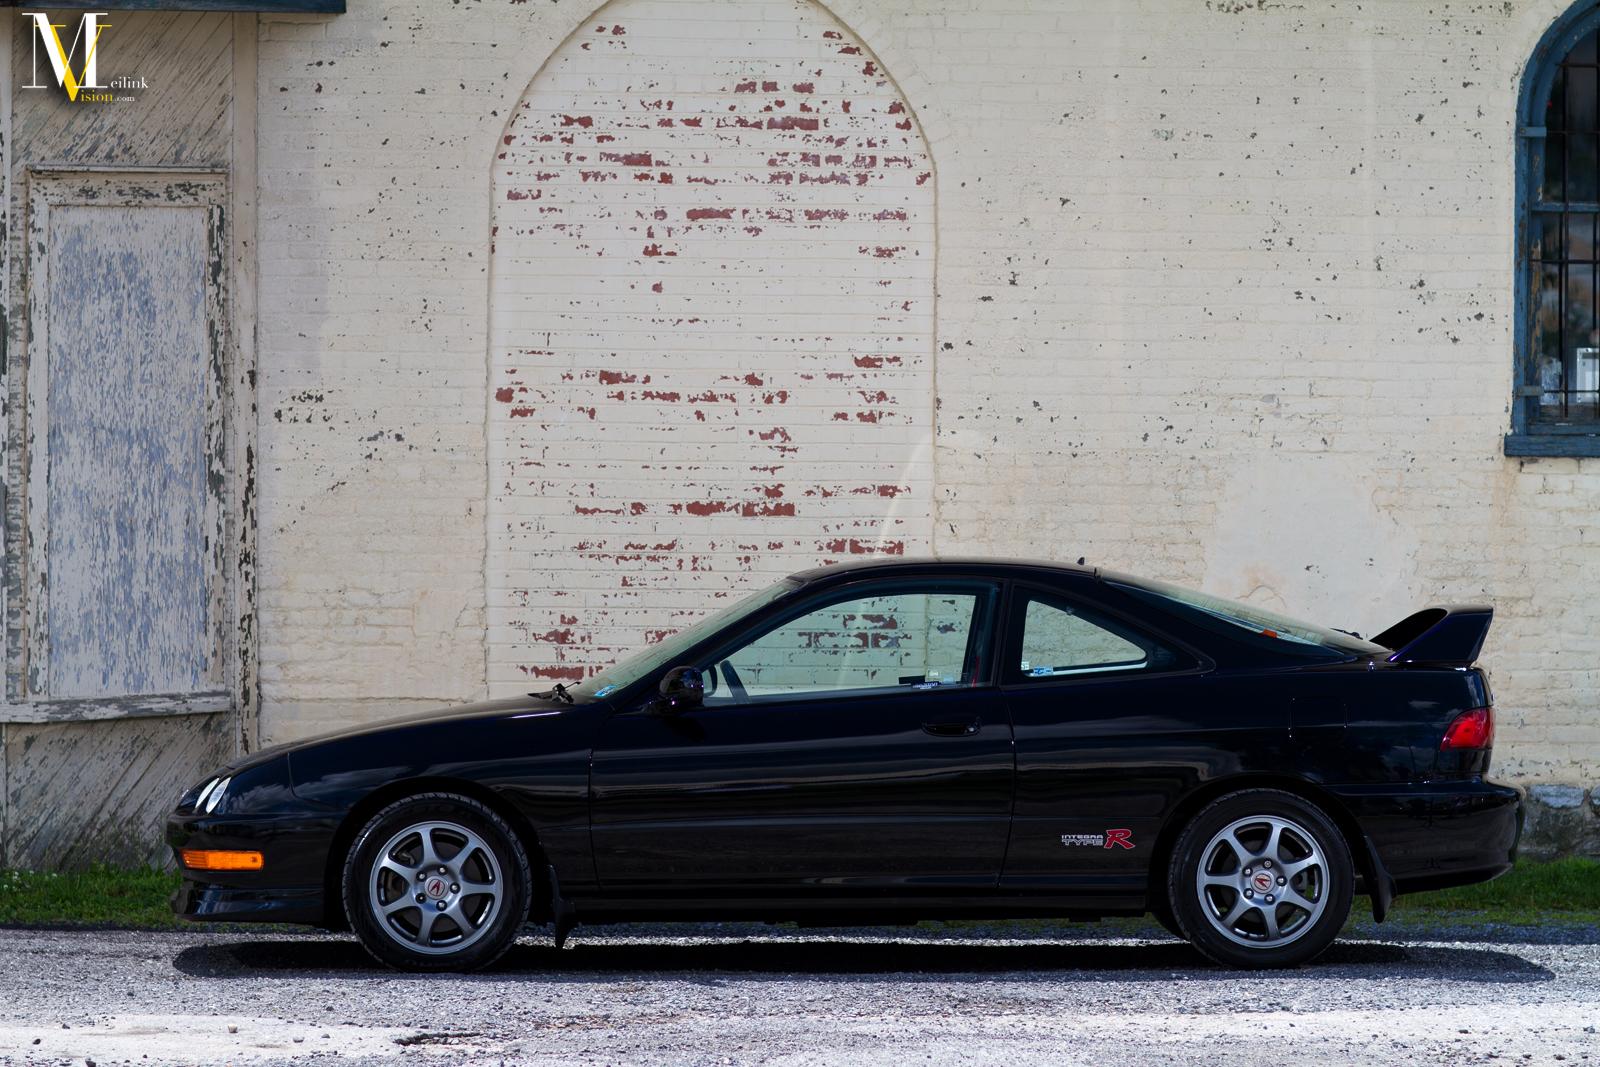 Unreleased Andrew S 2001 Acura Integra Type R Www Meilinkvision Com